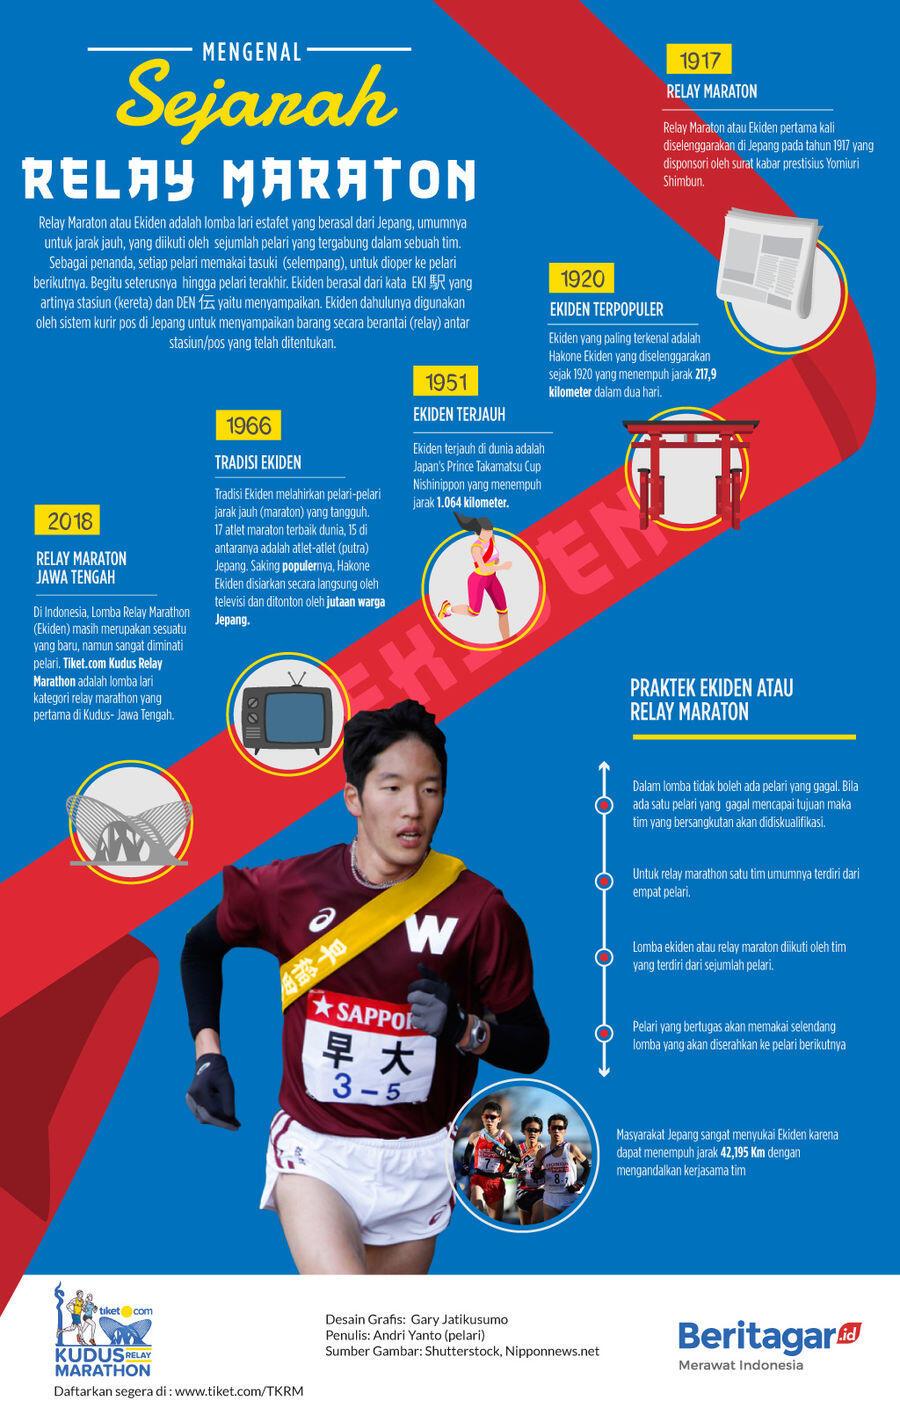 Mengenal sejarah Relay Maraton